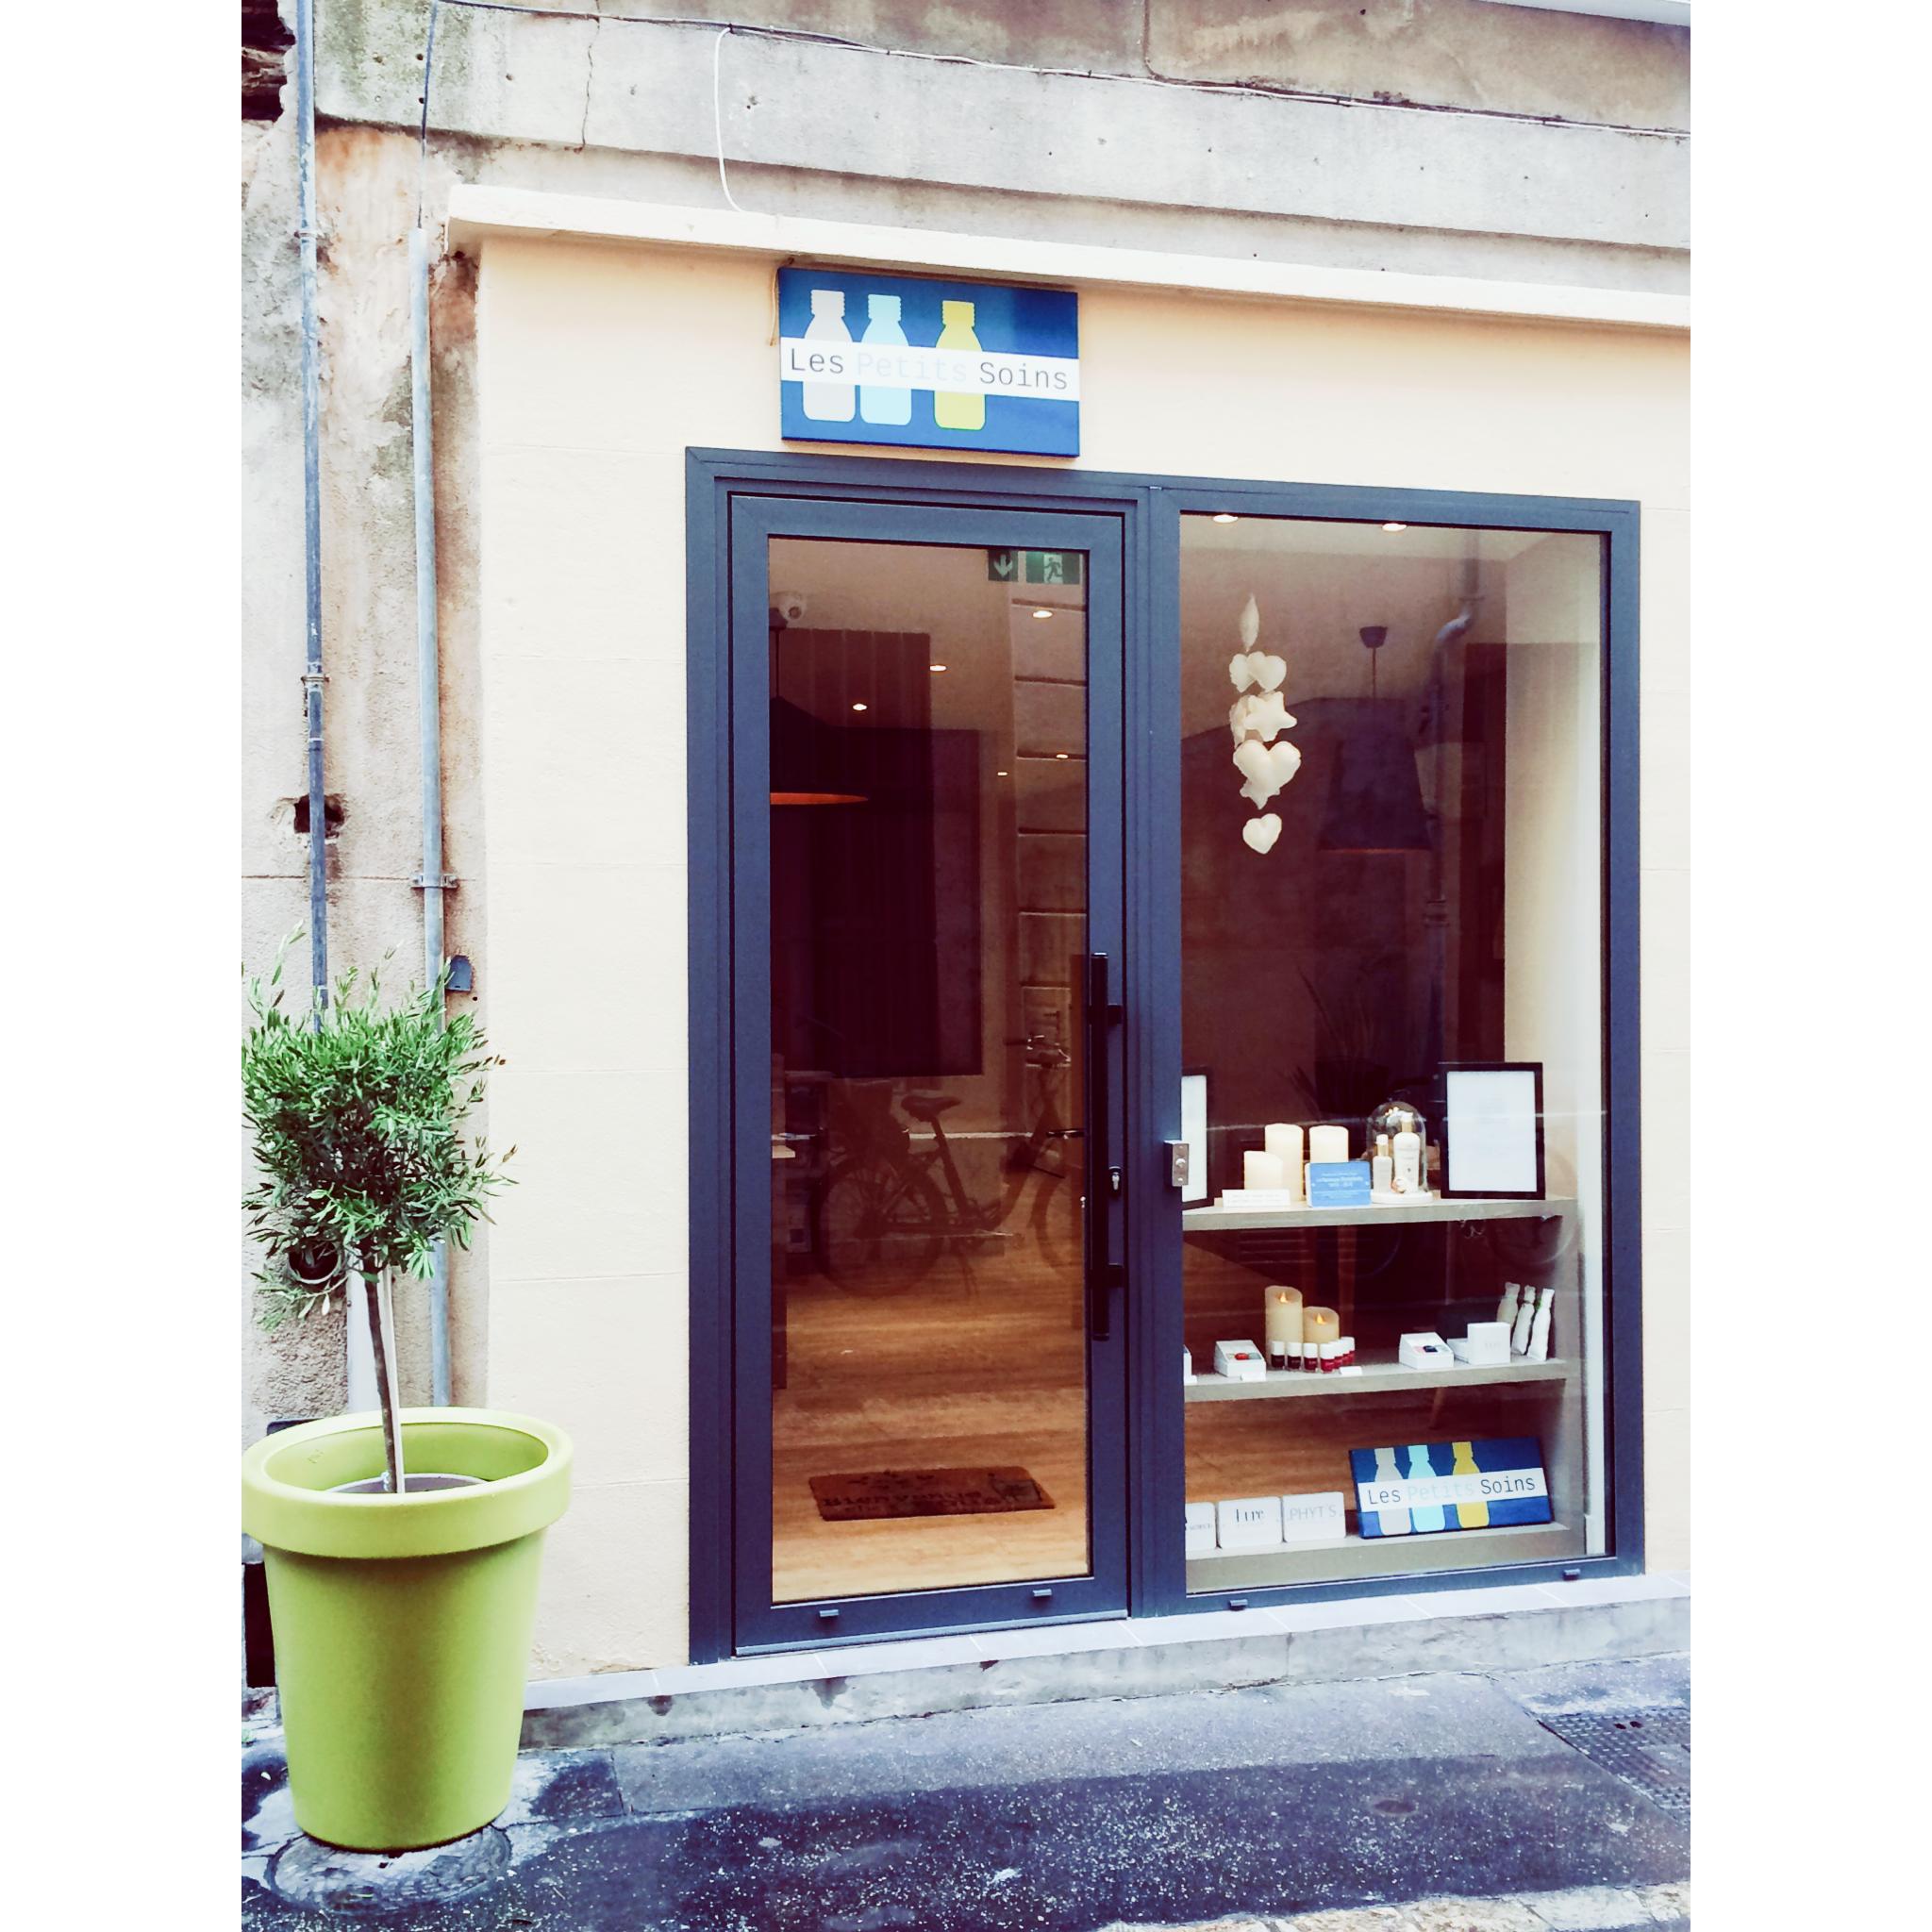 Les petits soins Aix en Provence